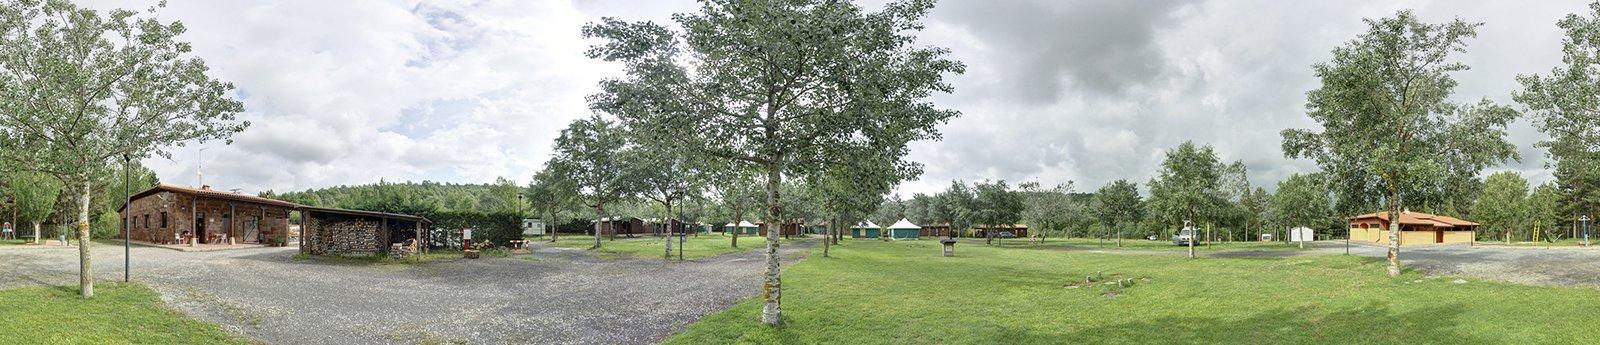 camping-sierra-demanda-instalaciones3